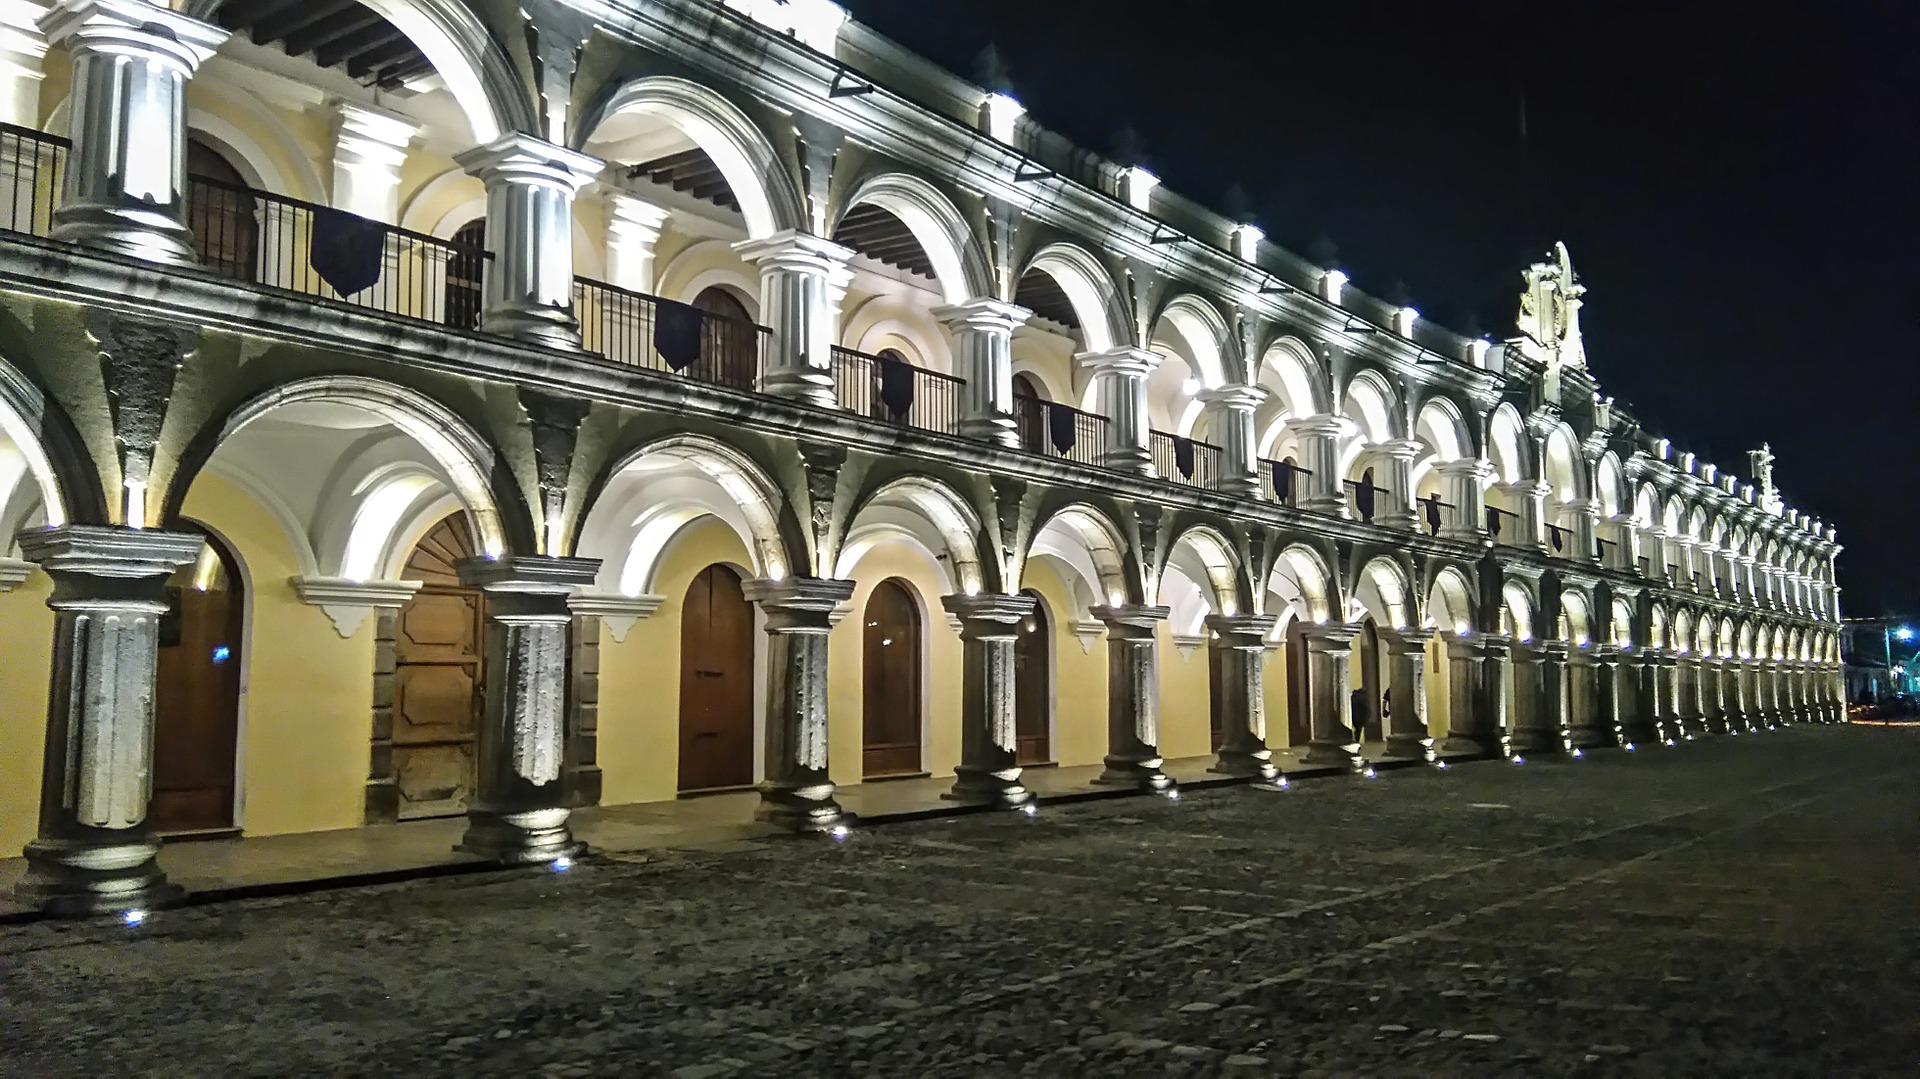 Antigua - Gebäude